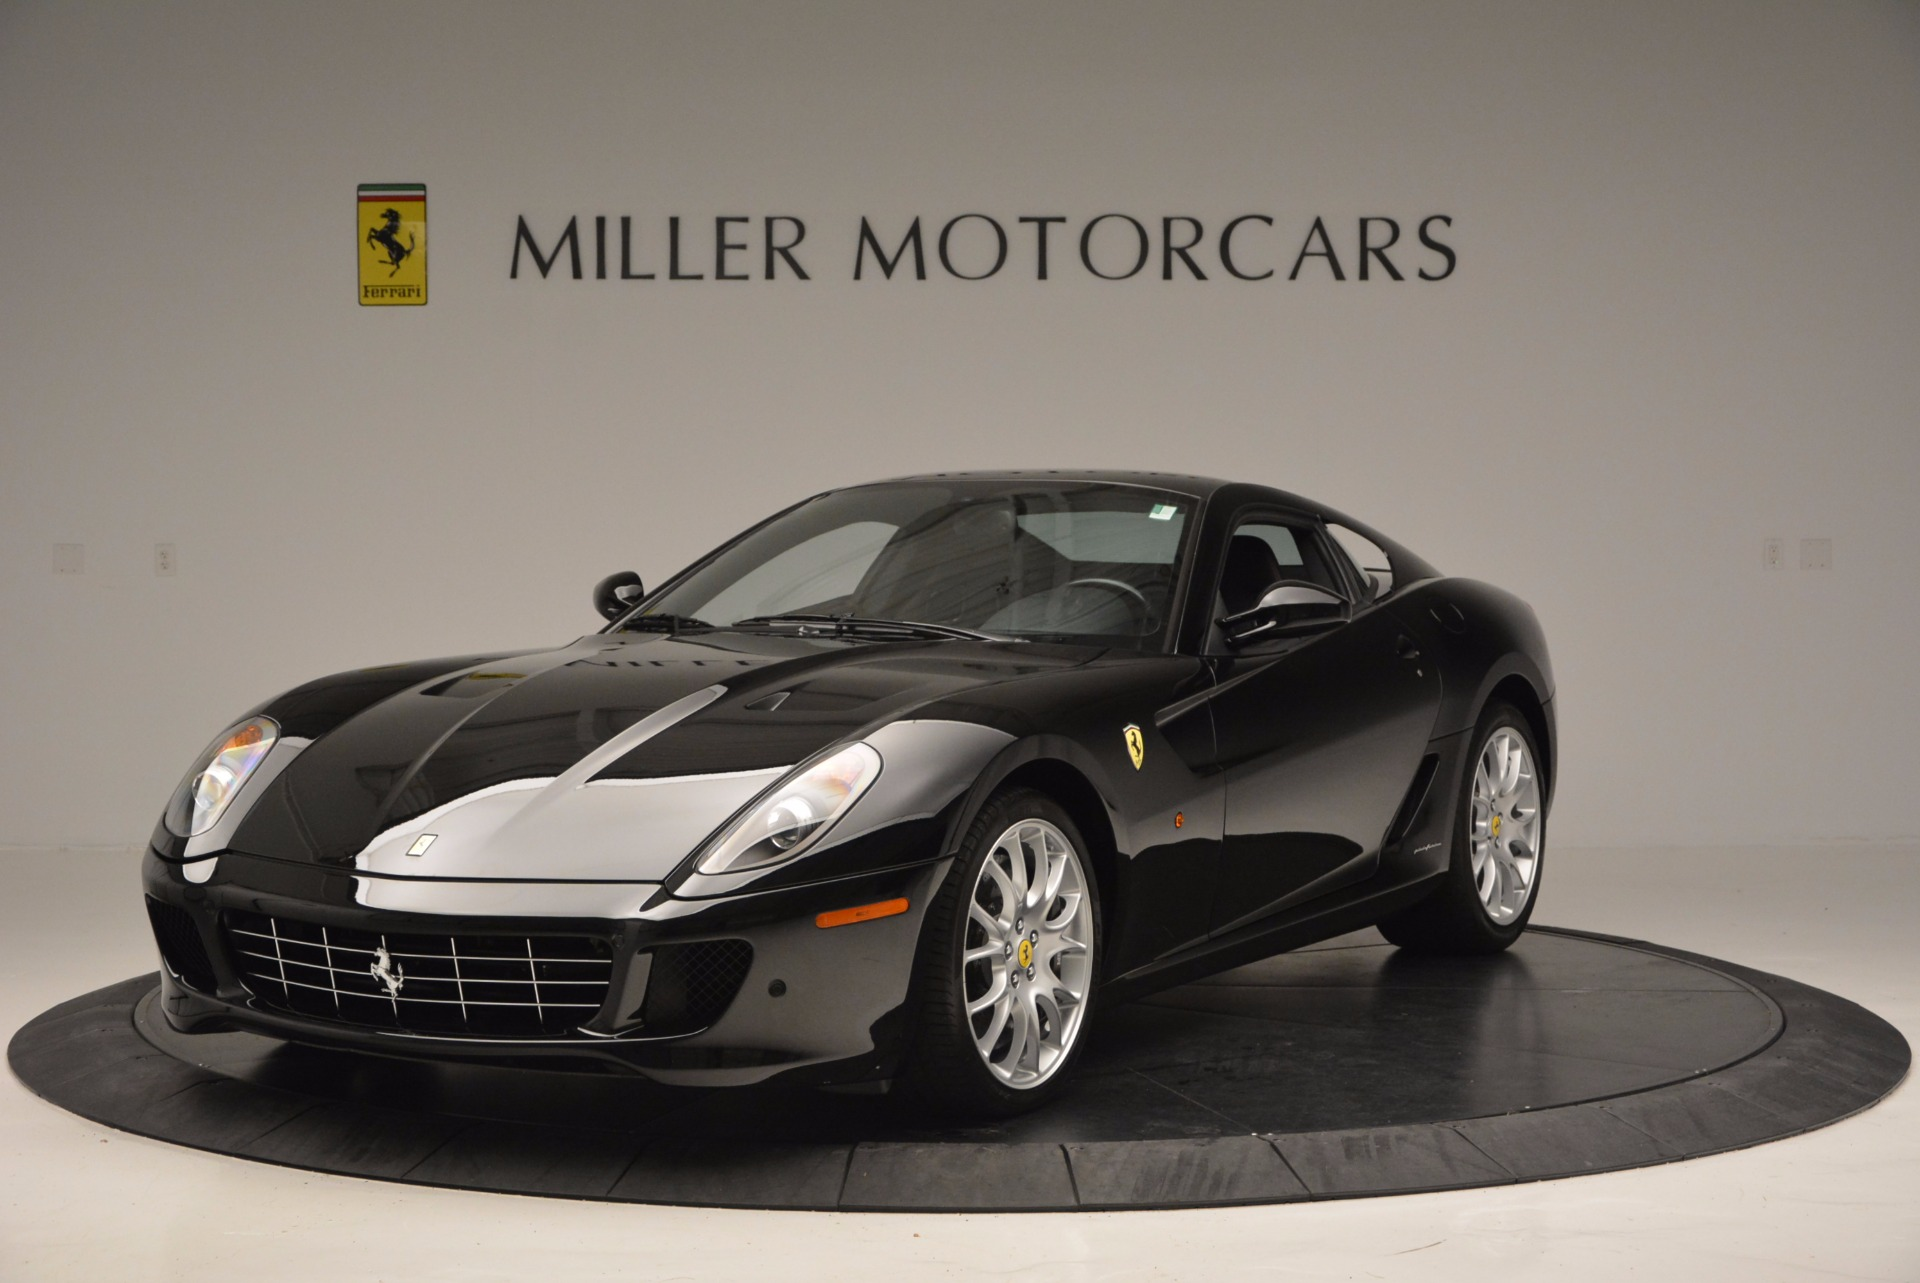 Used 2008 Ferrari 599 GTB Fiorano  For Sale In Greenwich, CT. Alfa Romeo of Greenwich, 4351 700_main